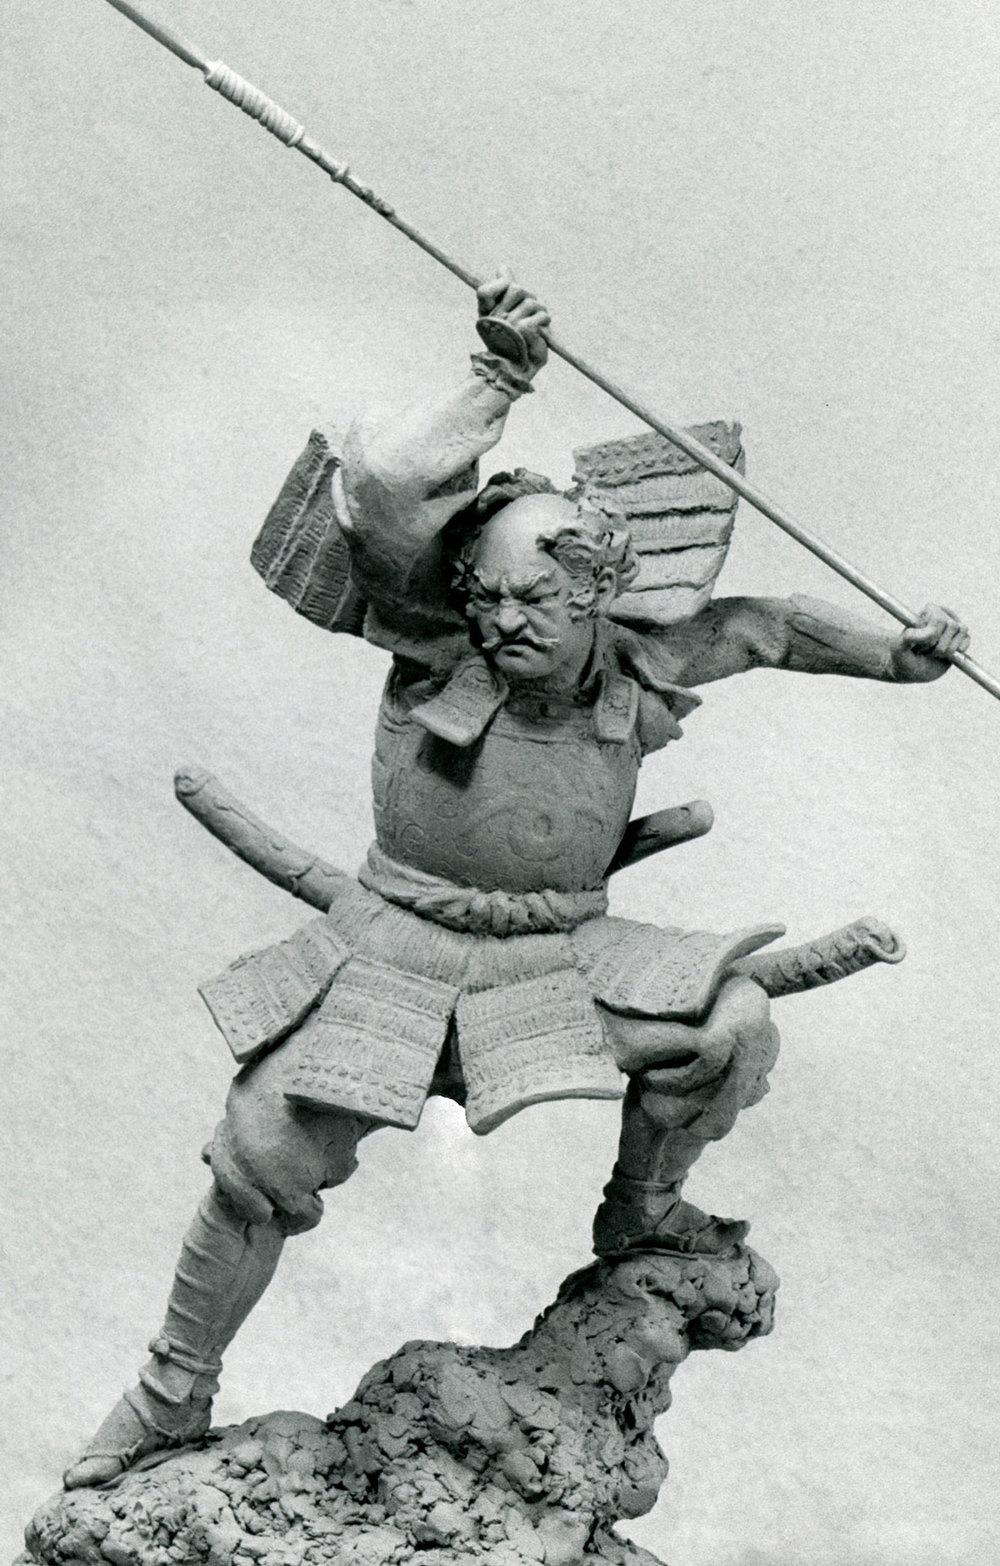 david larocca sculptor